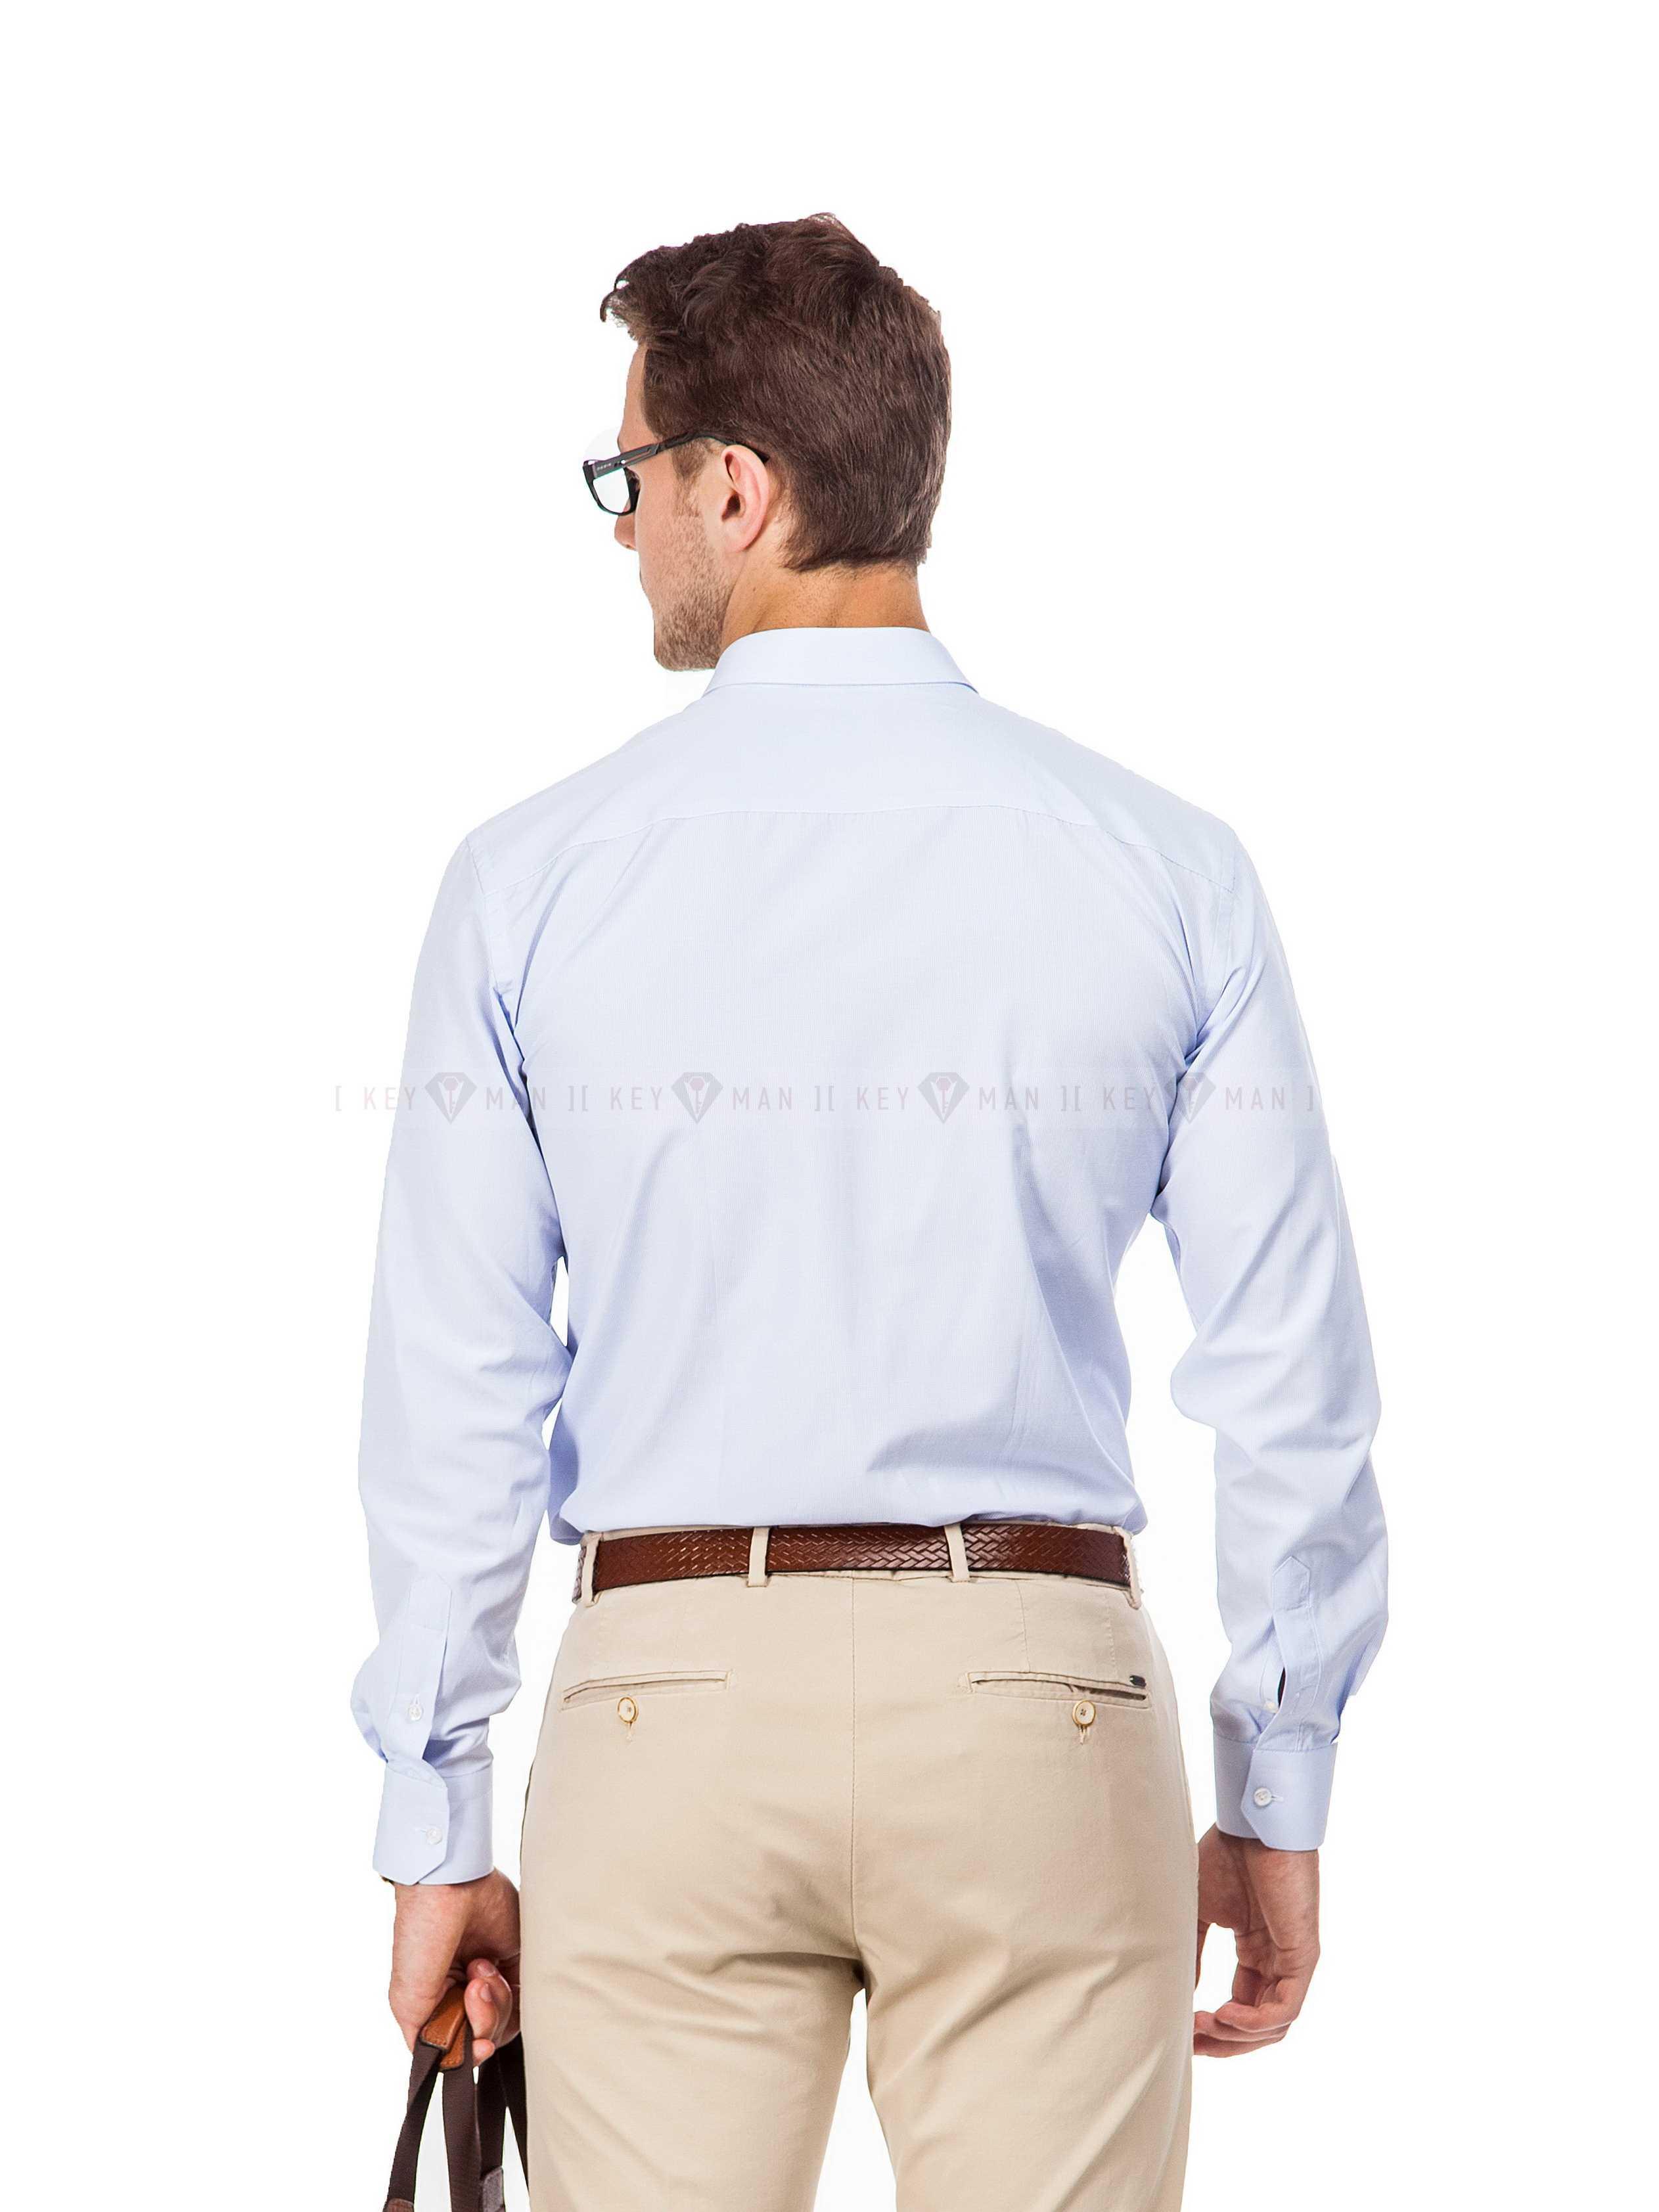 Рубашка мужская небесно-голубая оксфорд